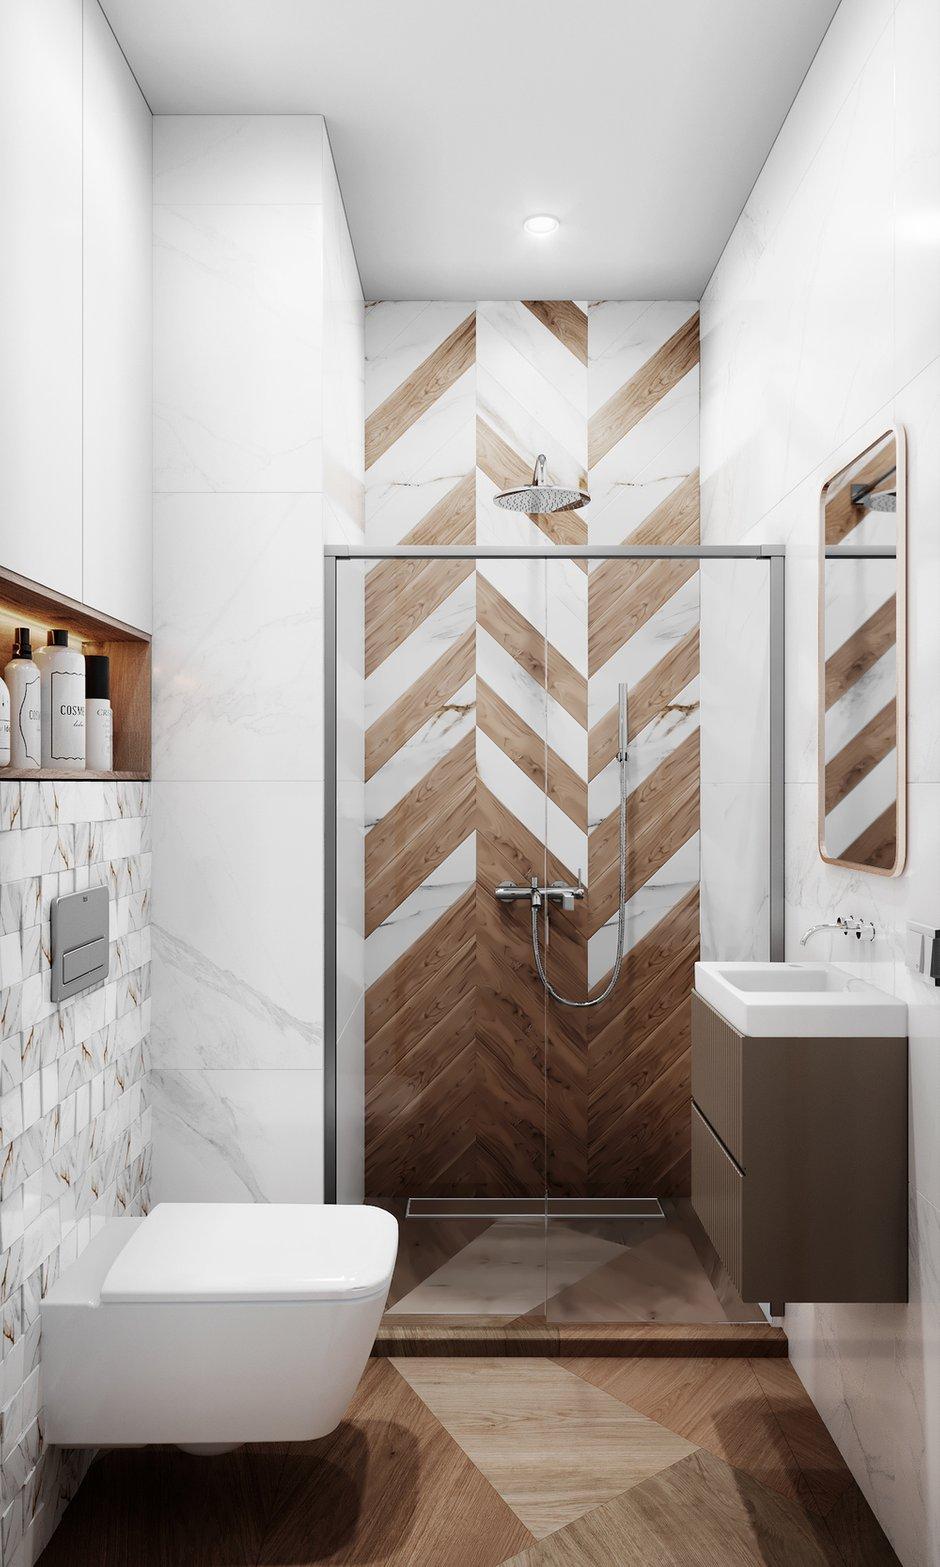 Фотография: Ванная в стиле Современный, Квартира, Проект недели, 3 комнаты, Более 90 метров, Люберцы, Александра Гартке – фото на INMYROOM